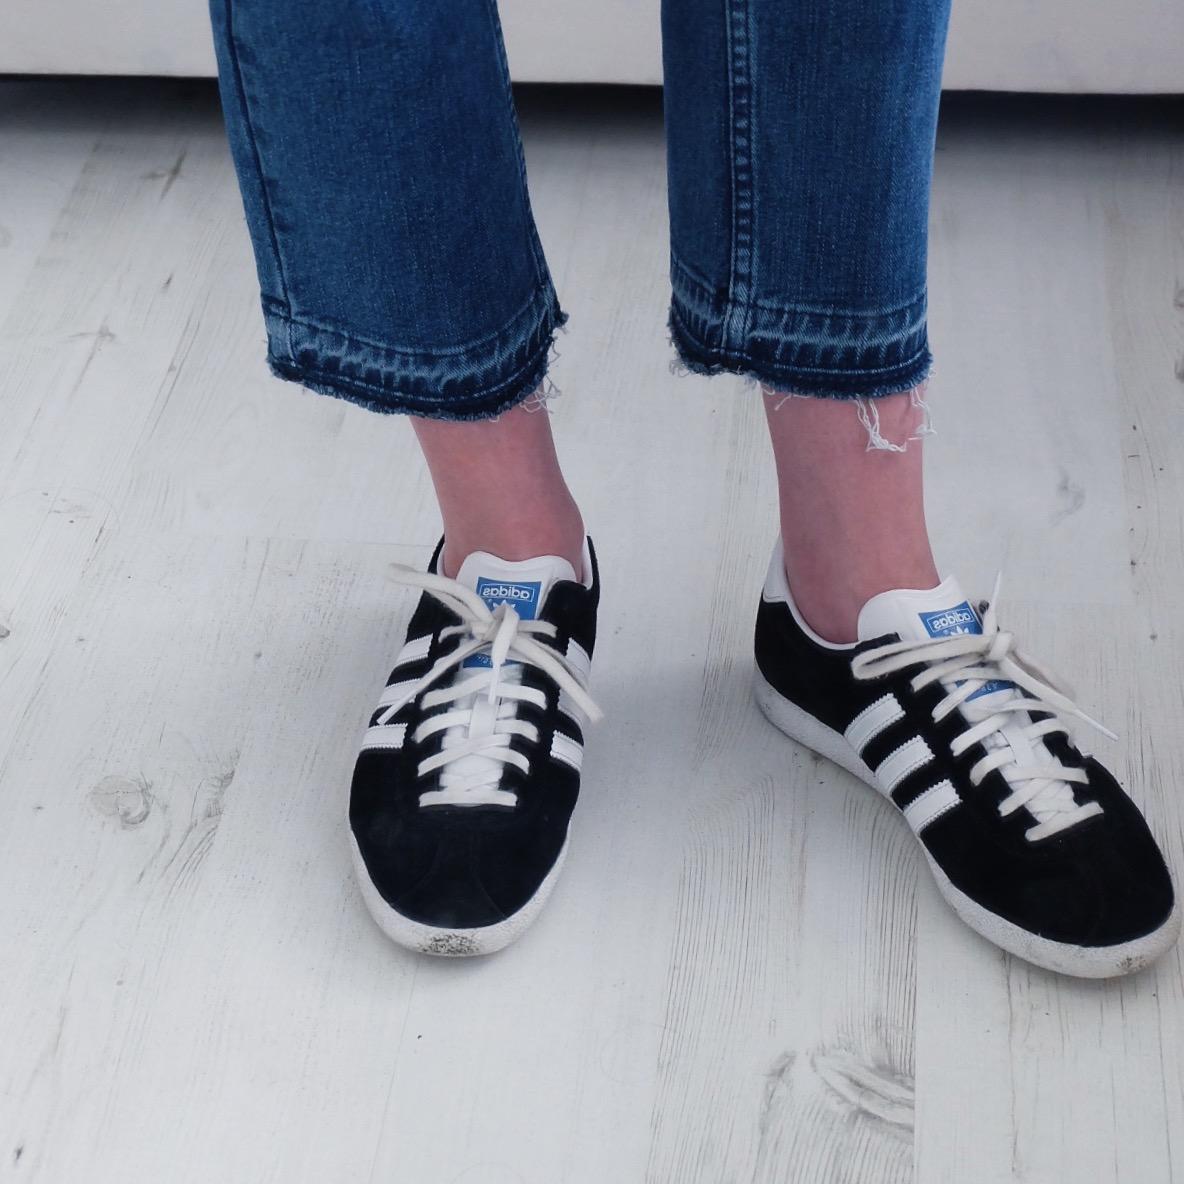 adidas gazelles, asos kimmi jeans review